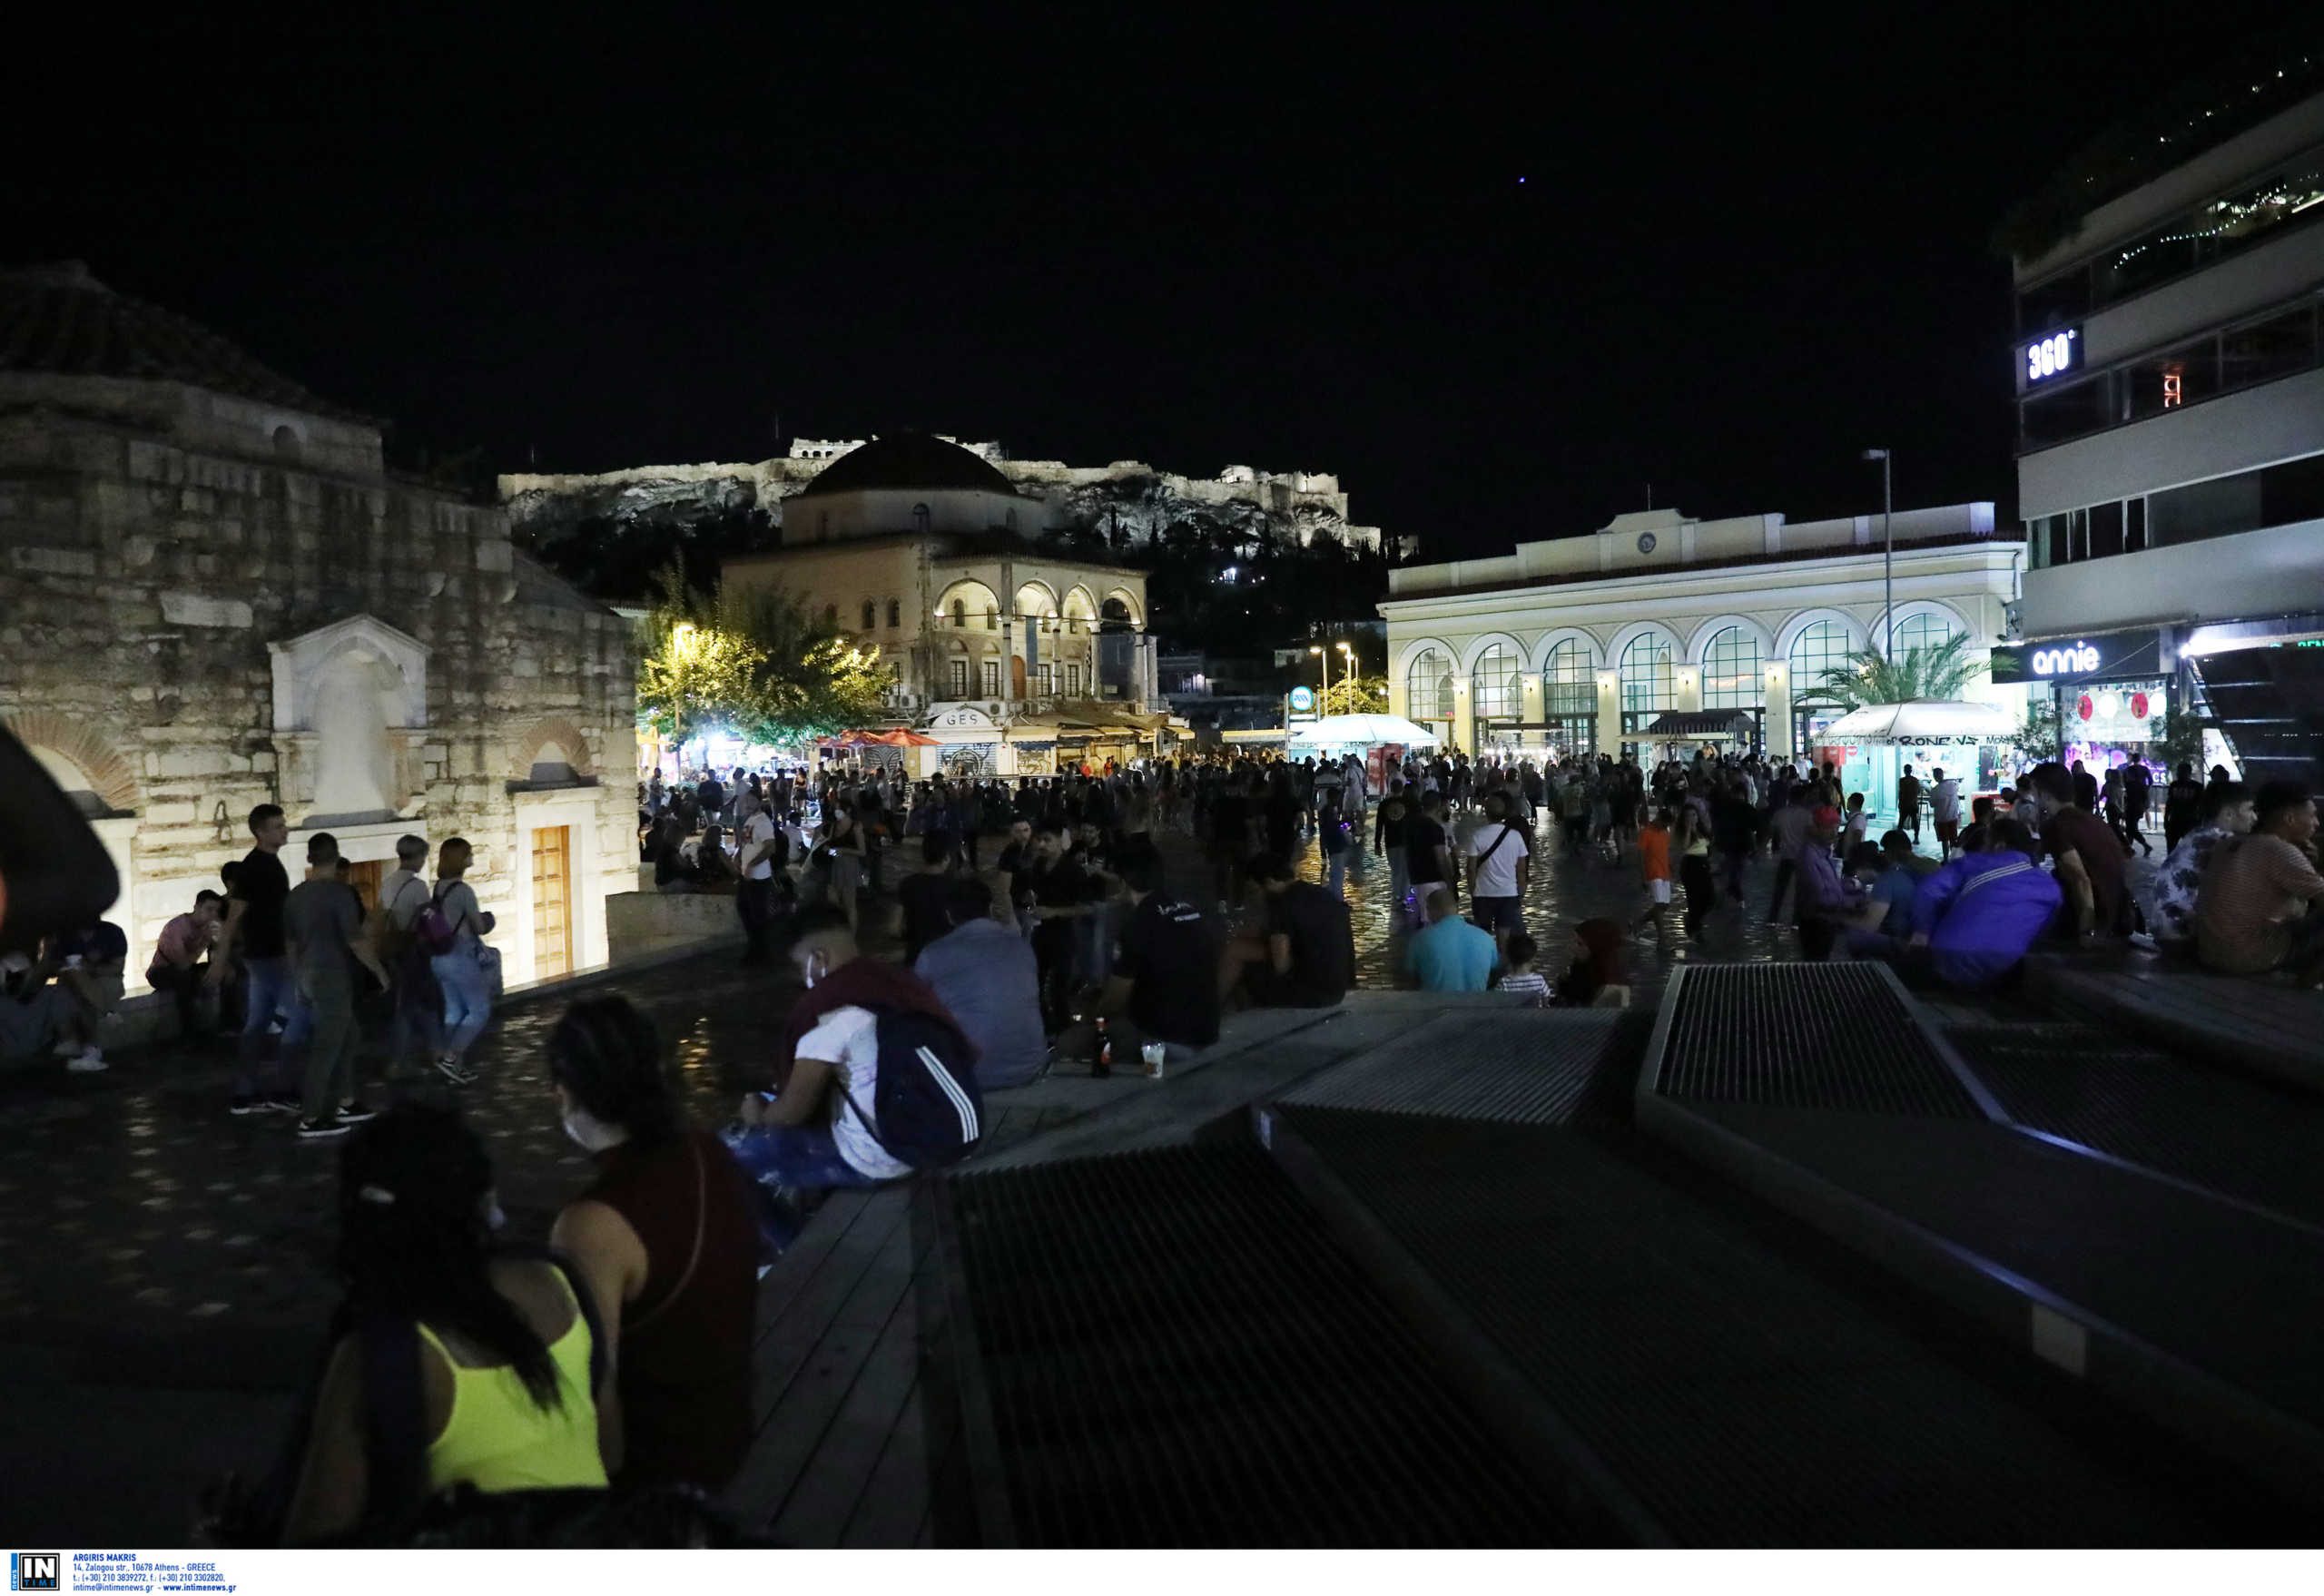 Σαββατόβραδο και… χαμός ξανά στις πλατείες! (pics, video)